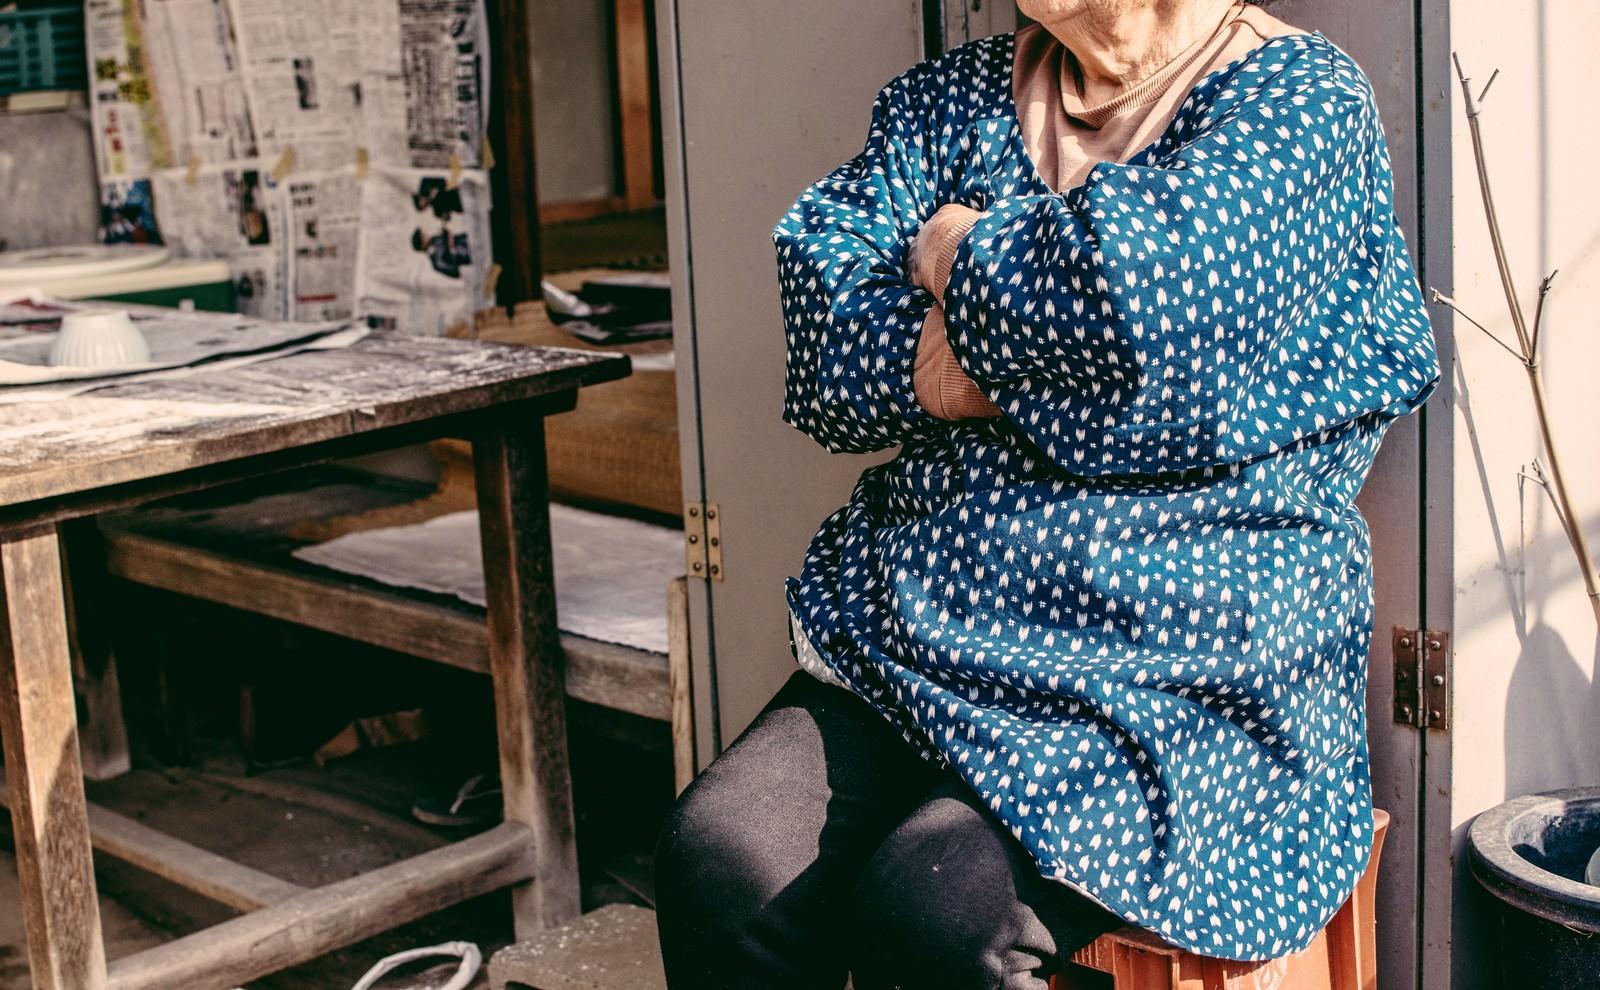 「椅子に腰掛け腕組みしながらひと休みする婆ちゃん | 写真の無料素材・フリー素材 - ぱくたそ」の写真